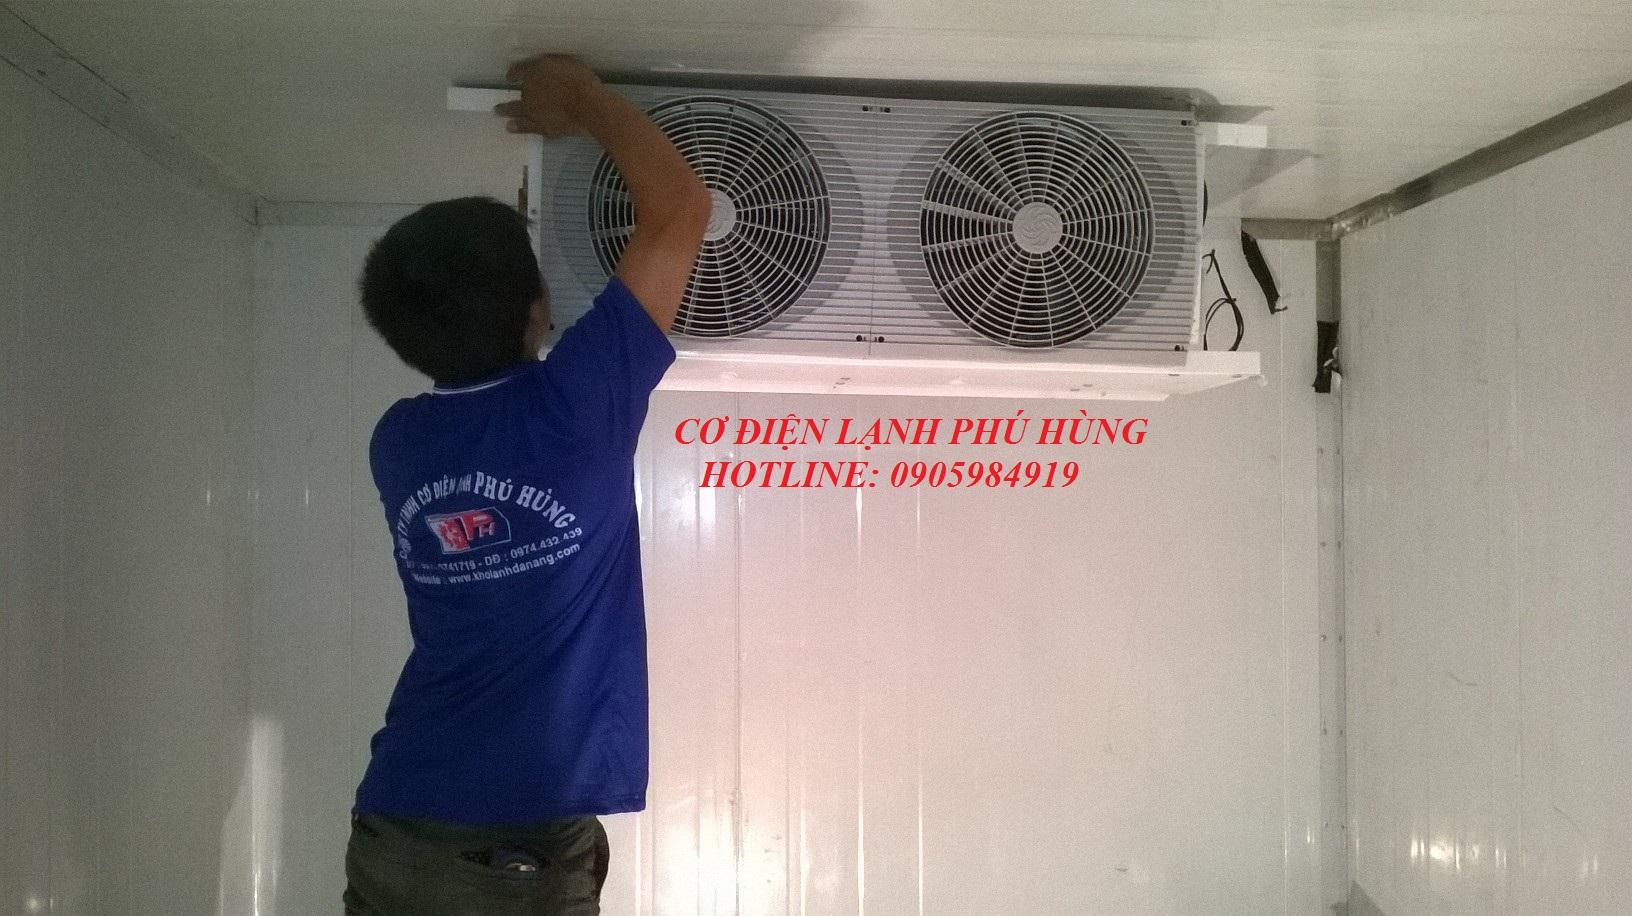 1B - Dàn lạnh công nghiệp Đà Nẵng